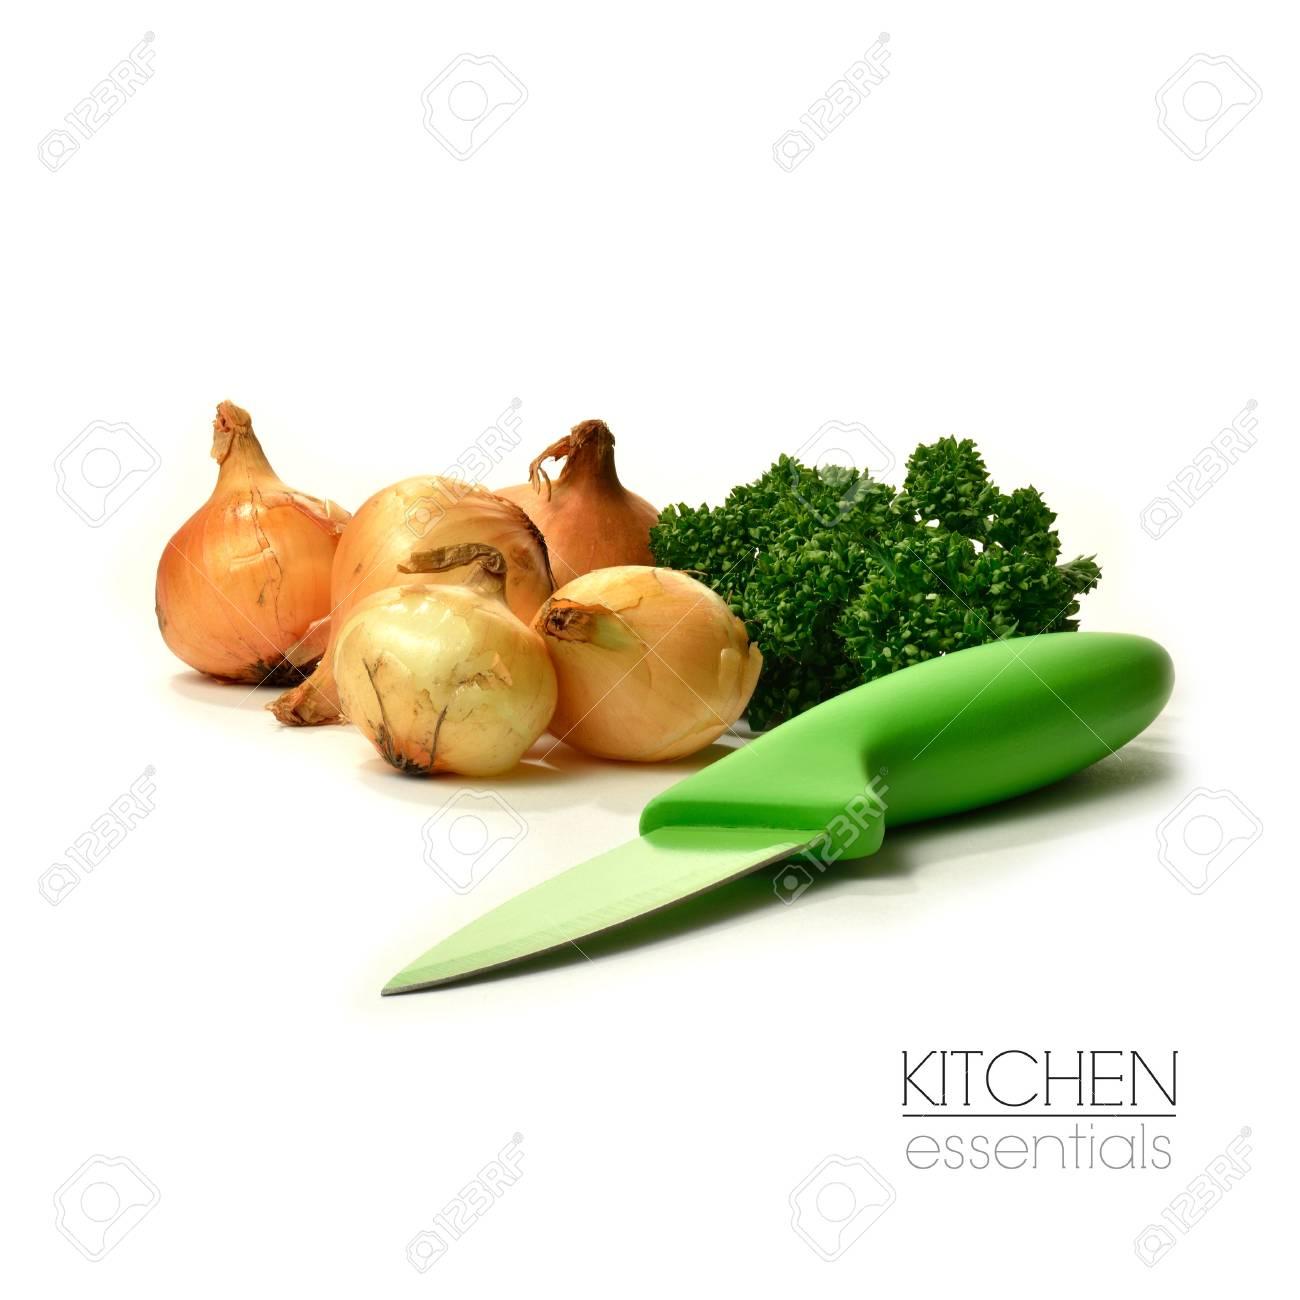 Immagine Del Prodotto Di Alta Qualità Dalla Mia Cucina Essentials ...